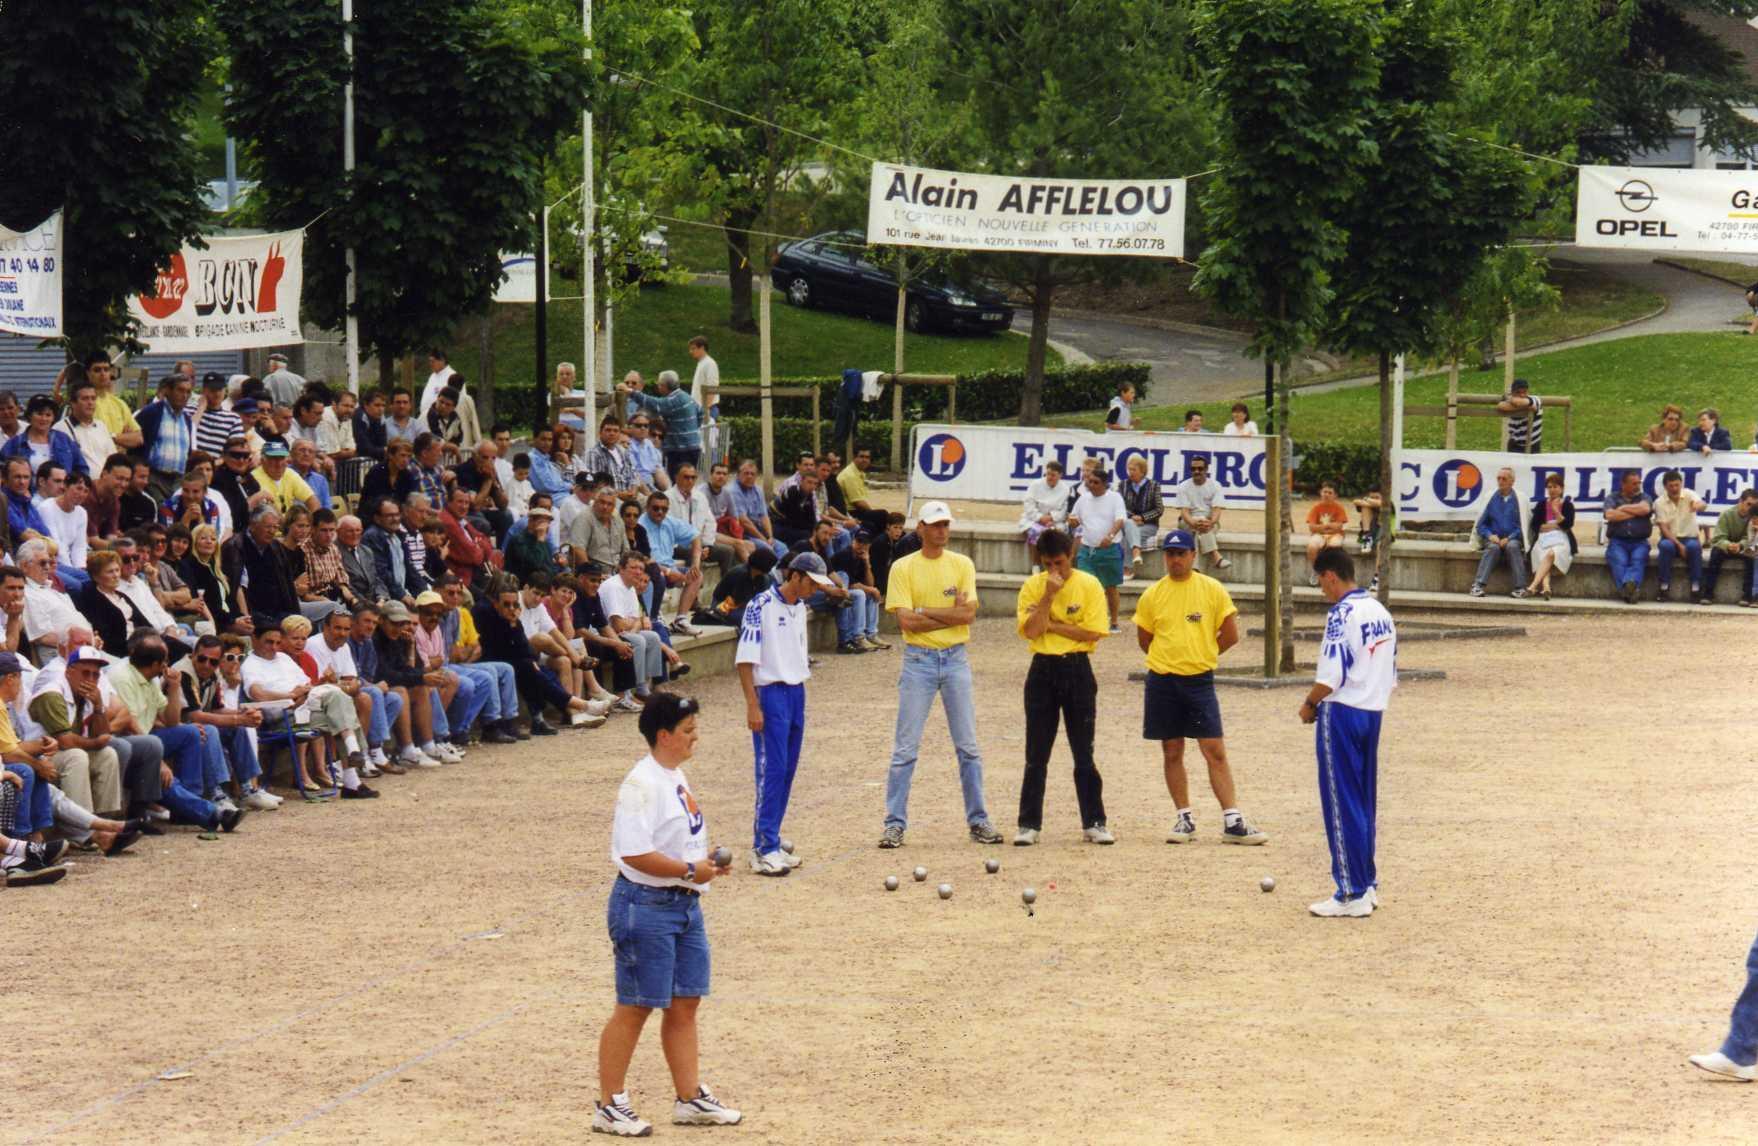 1/2 finale EUROPETANQUE de FIRMINY 1999 > RYPEN-LE DANTEC-HUREAU contre PIMENOFF-BOLLARO-BONNET